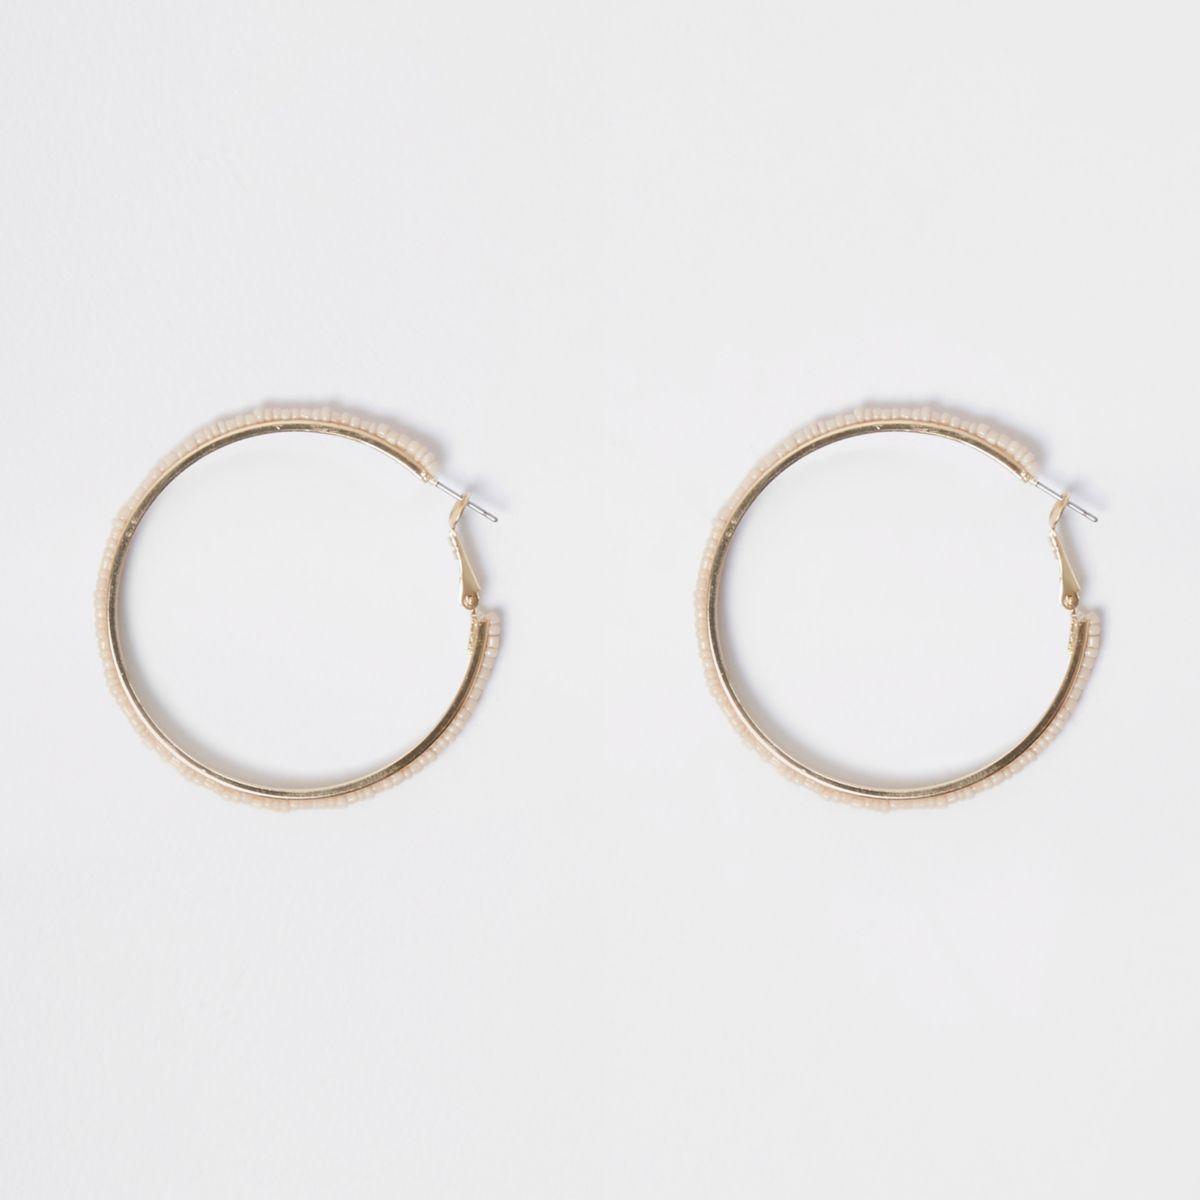 Gold tone seedbead hoop earrings